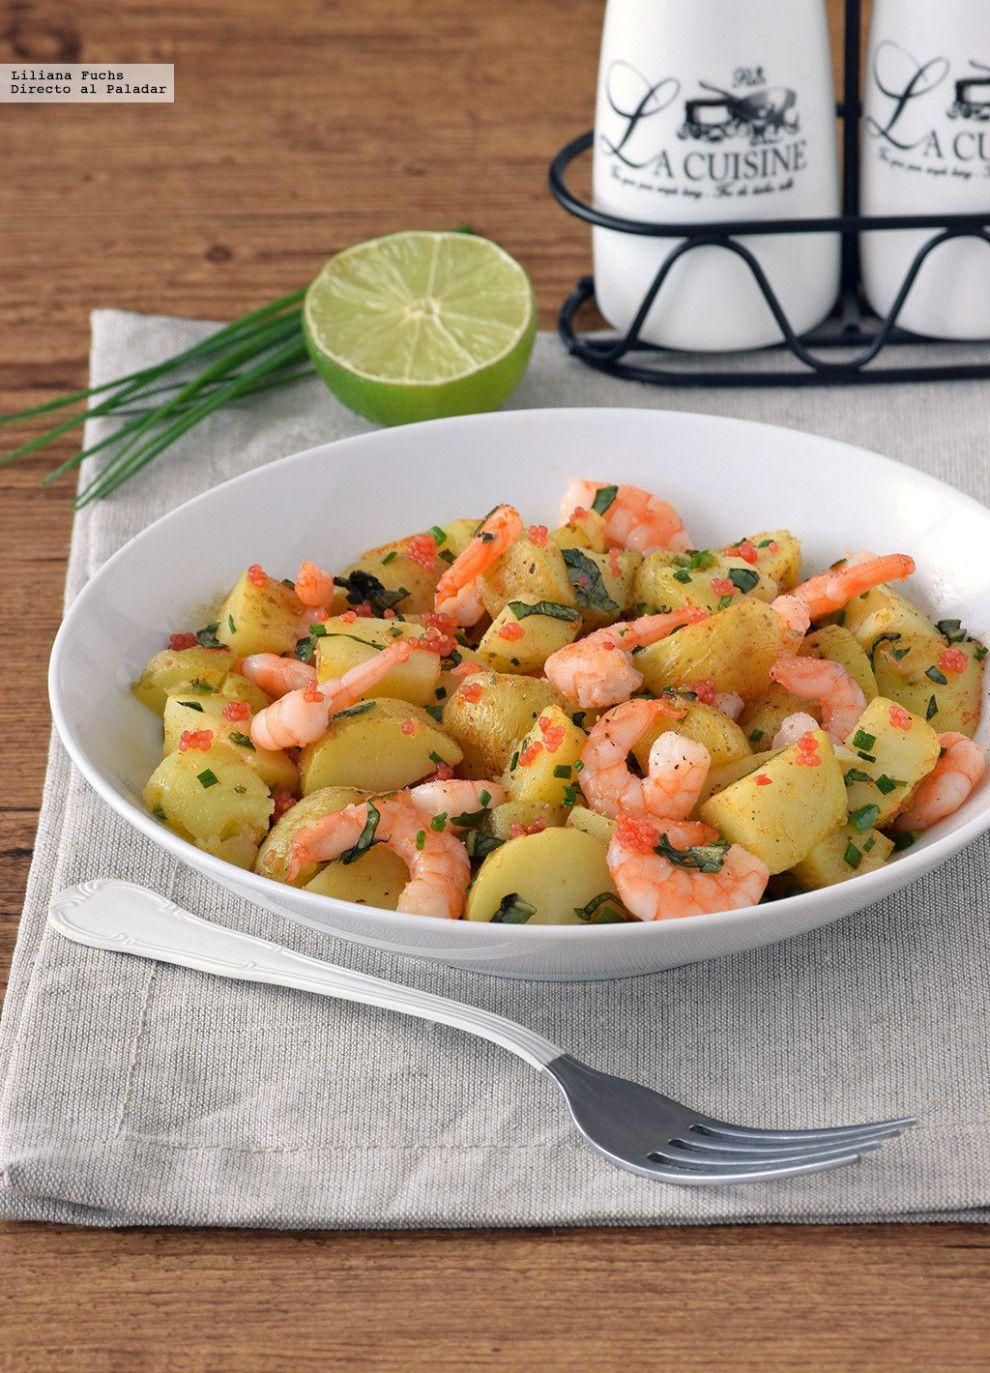 18 Ensaladas Que No Son La Pereza Máxima Para Cenar Cuando Apriete El Calor Food Mediterranean Recipes Winter Salad